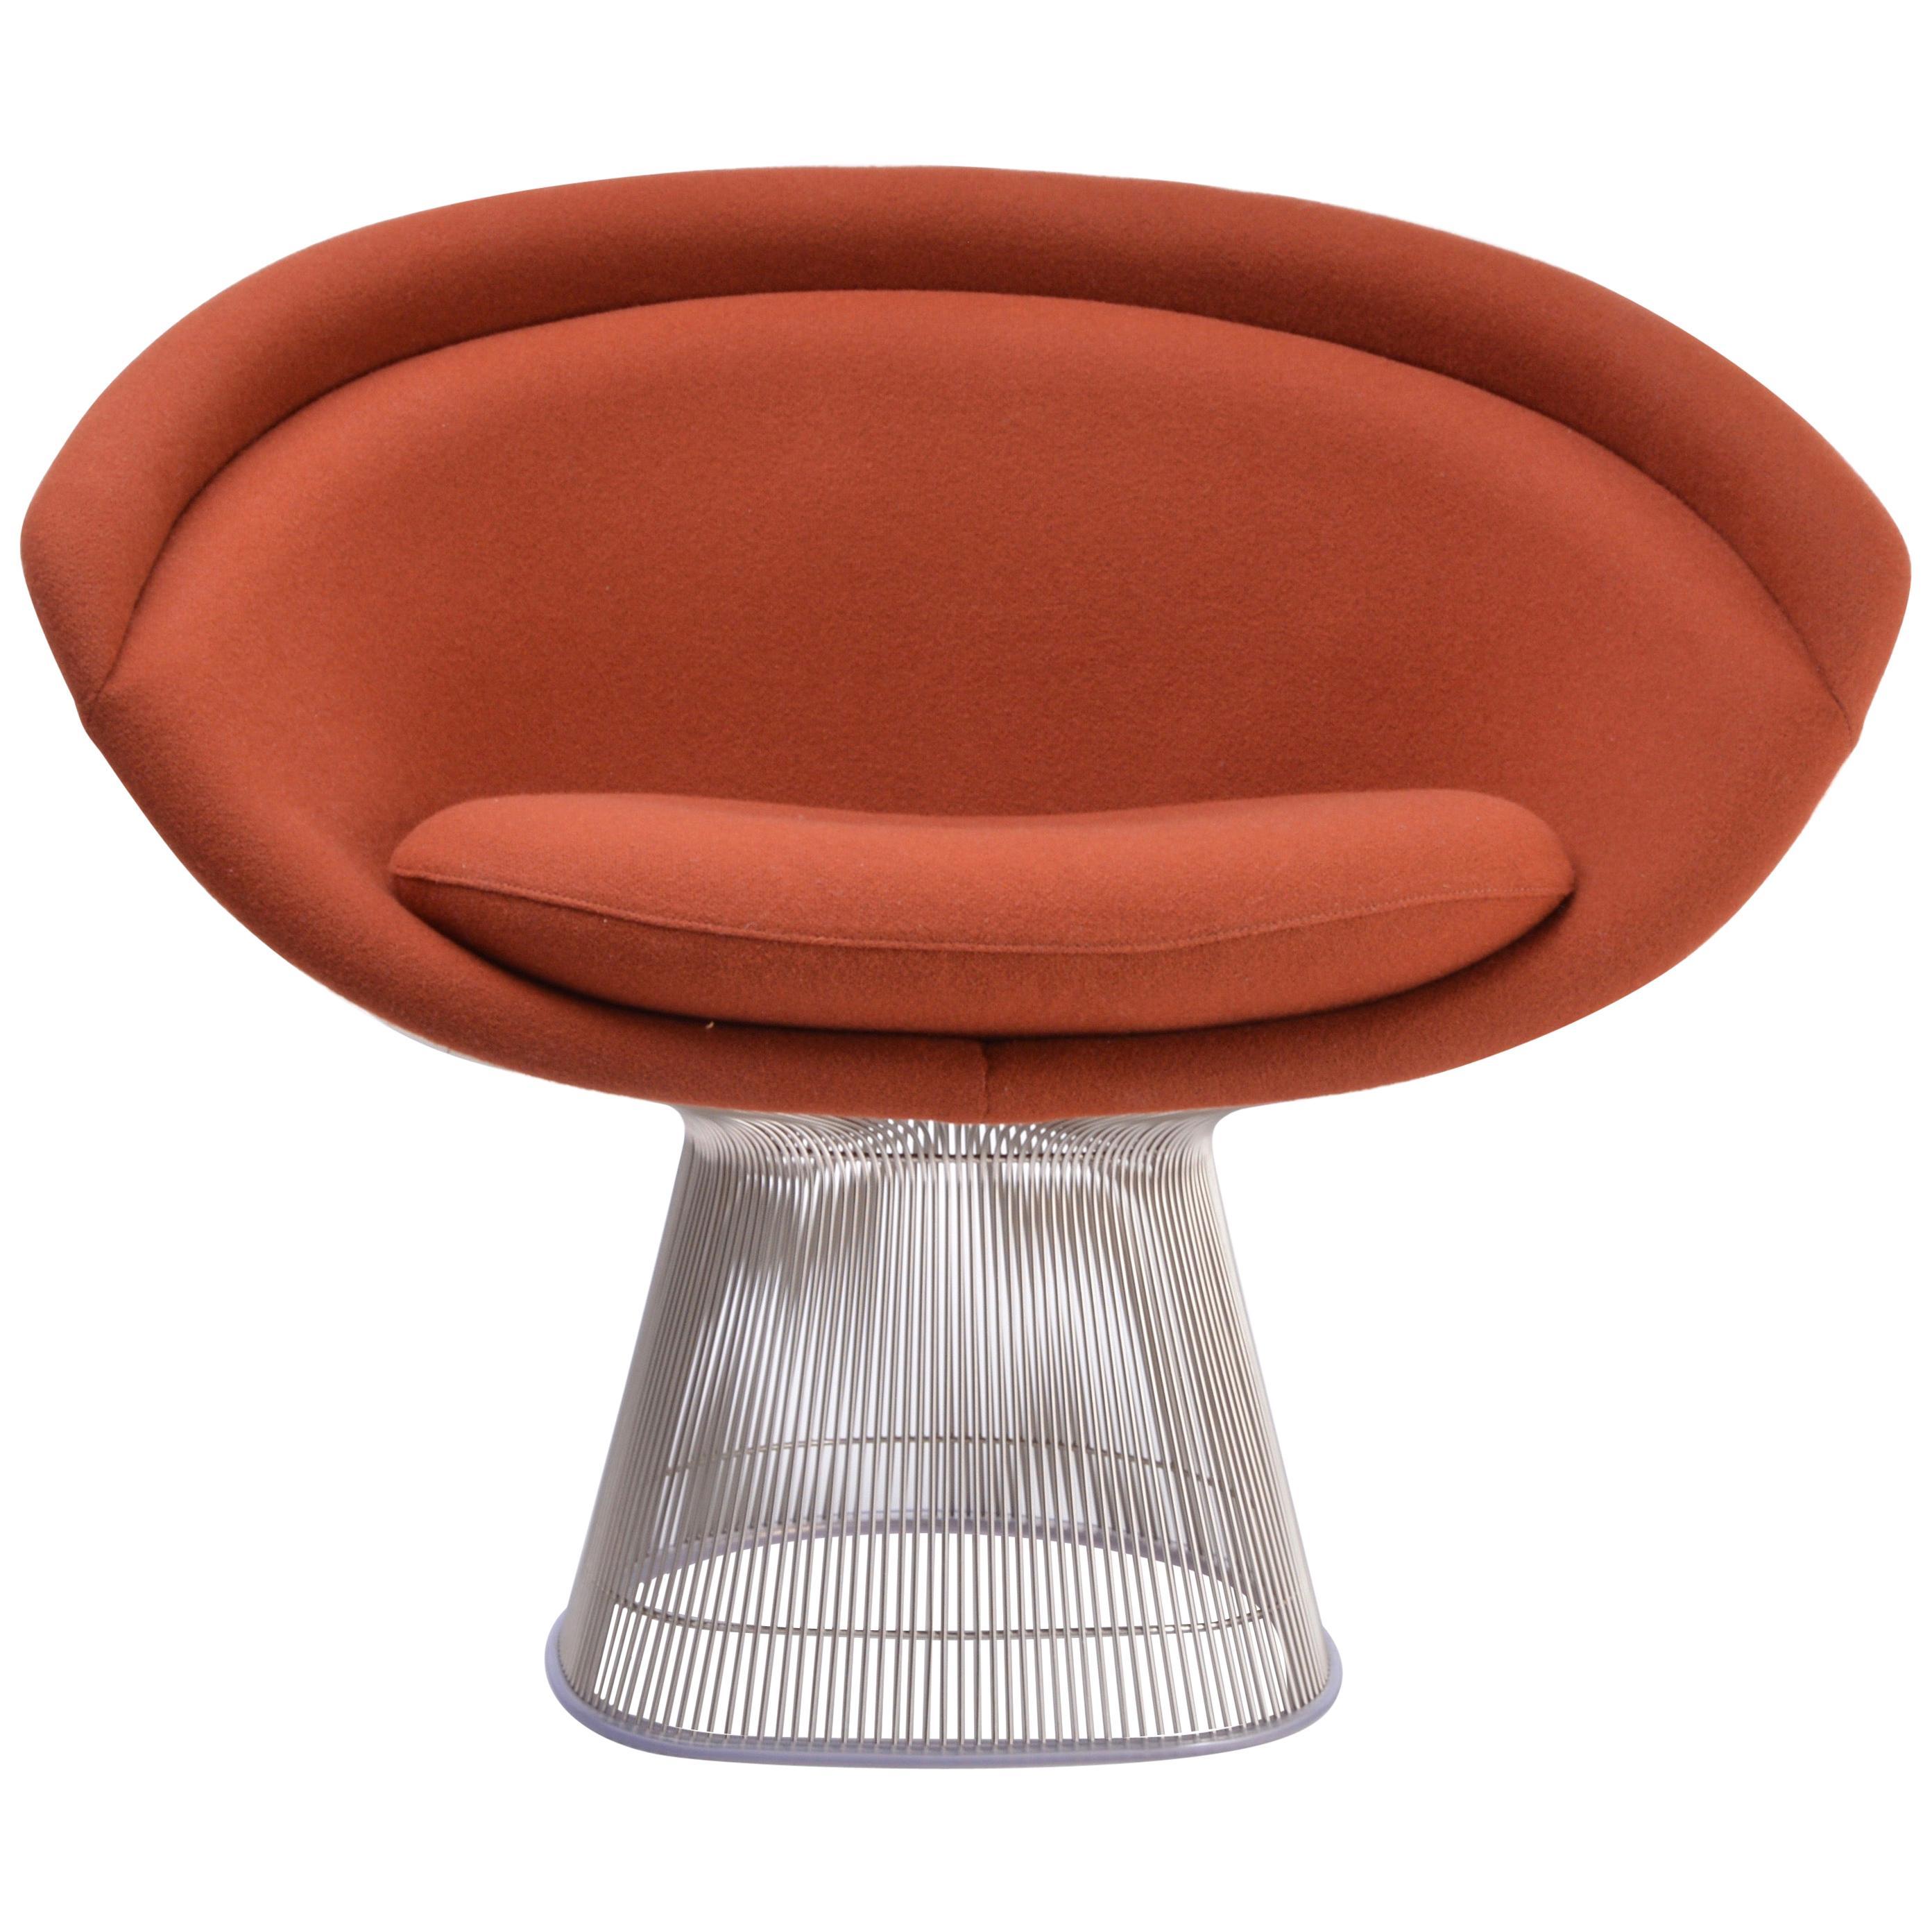 Warren Platner Lounge Chair for Knoll International, 1966